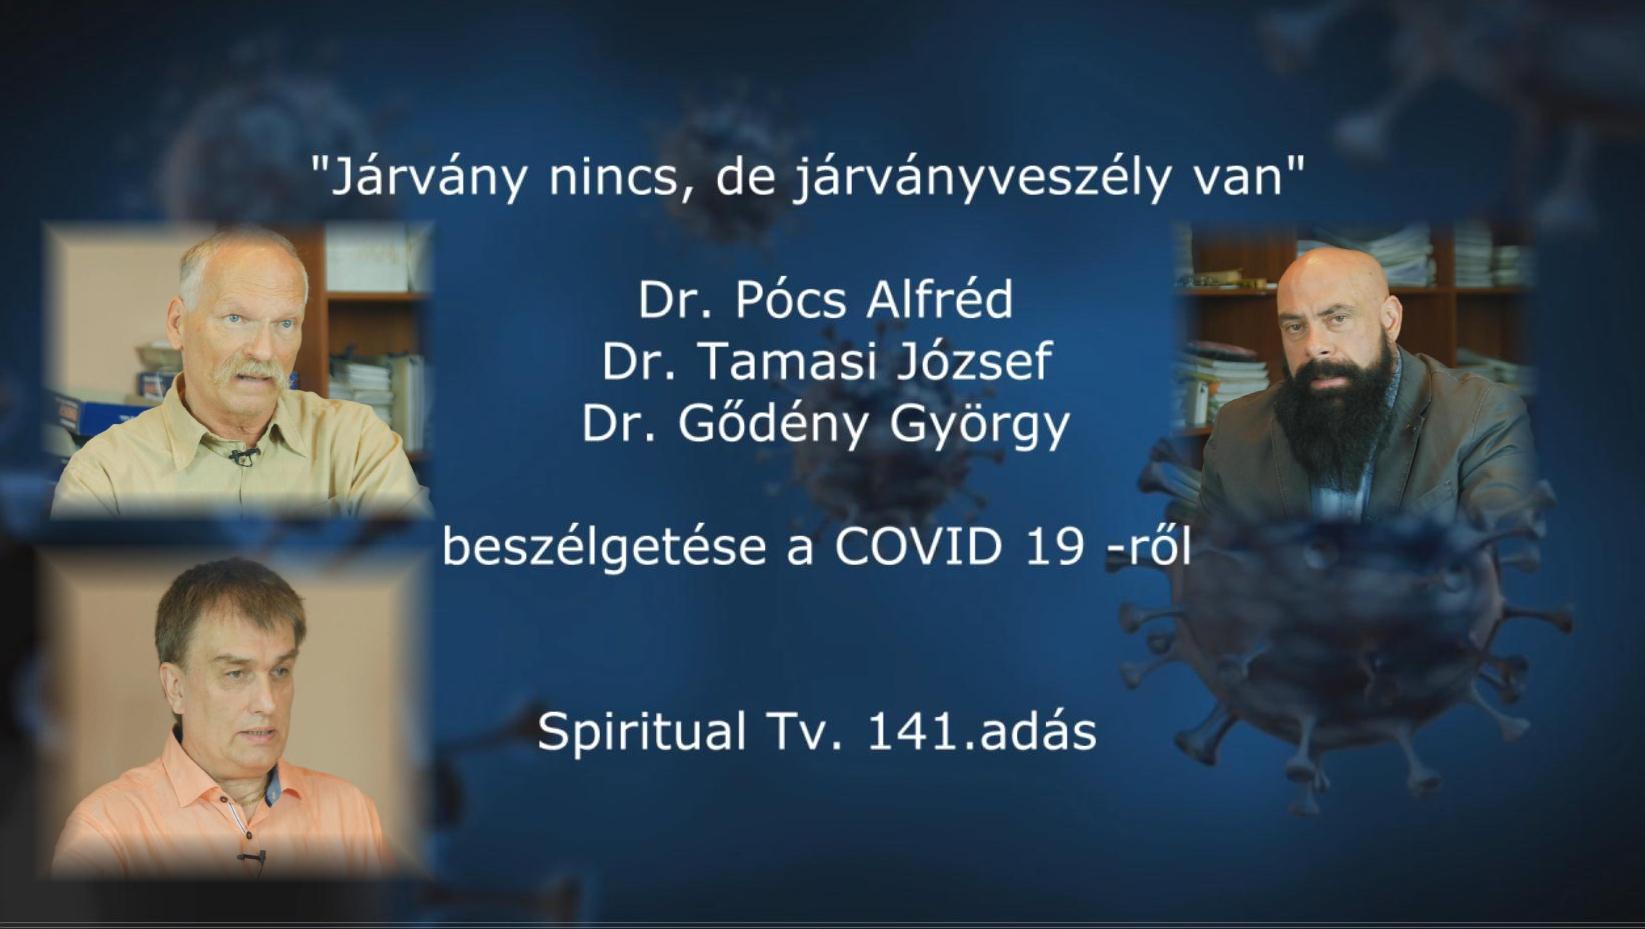 www.spiritualtv.hu 2020.05.21.